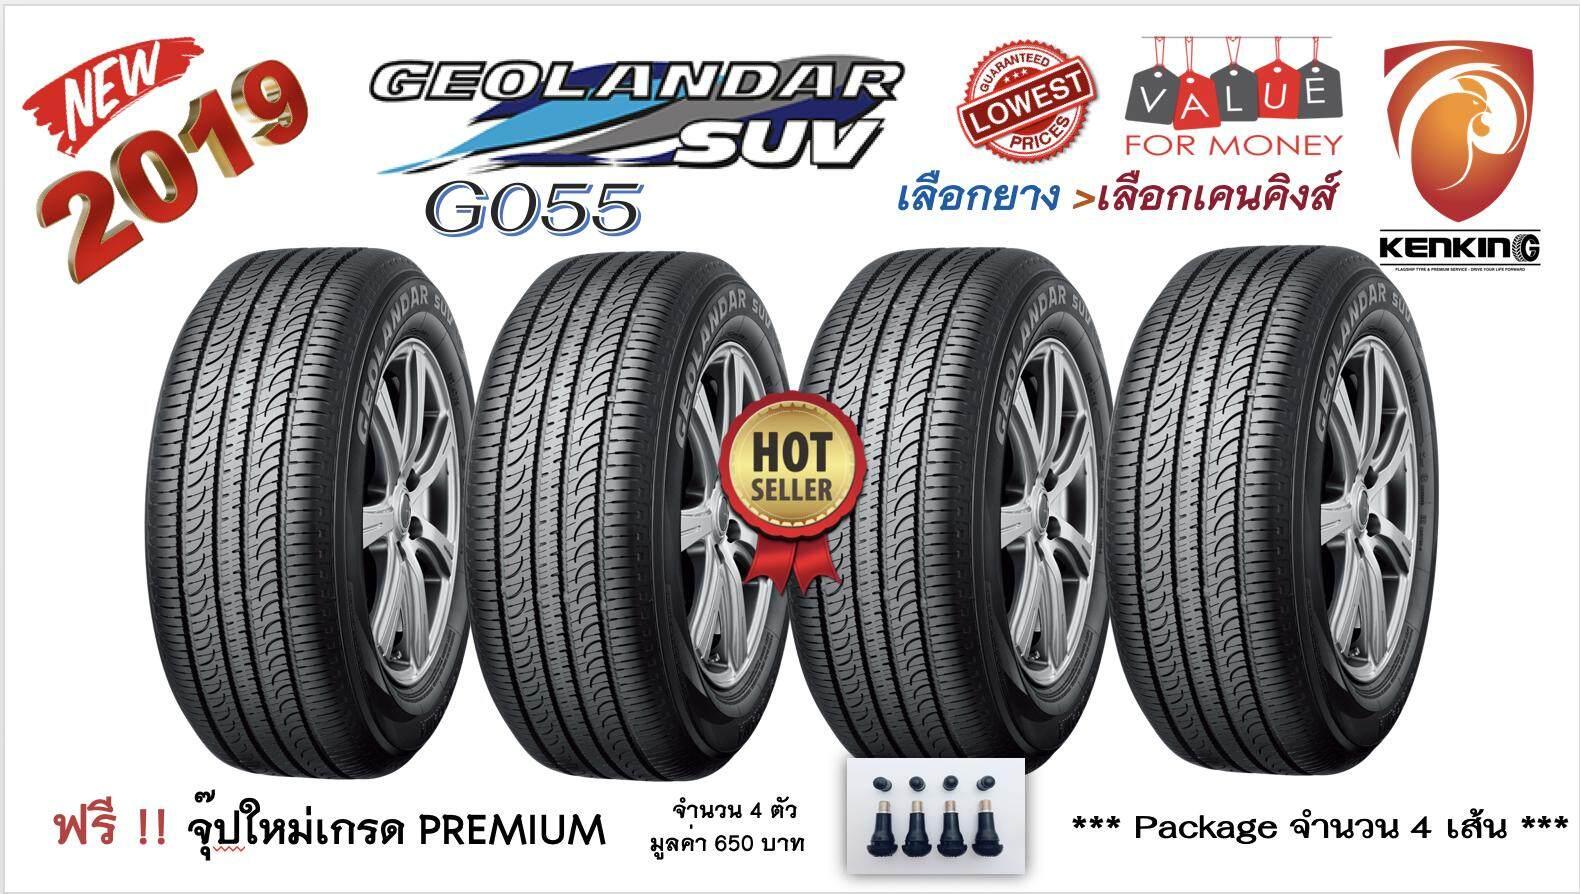 เพชรบูรณ์ ยางรถยนต์ขอบ17 YOKOHAMA 225/65 R17 GEOLANDAR G055 NEW !! ปี 2019 (4 เส้น)  FREE !! จุ๊ป PREMIUM BY KENKING POWER 650 บาท MADE IN JAPAN แท้ (ลิขสิทธิืแท้รายเดียว)